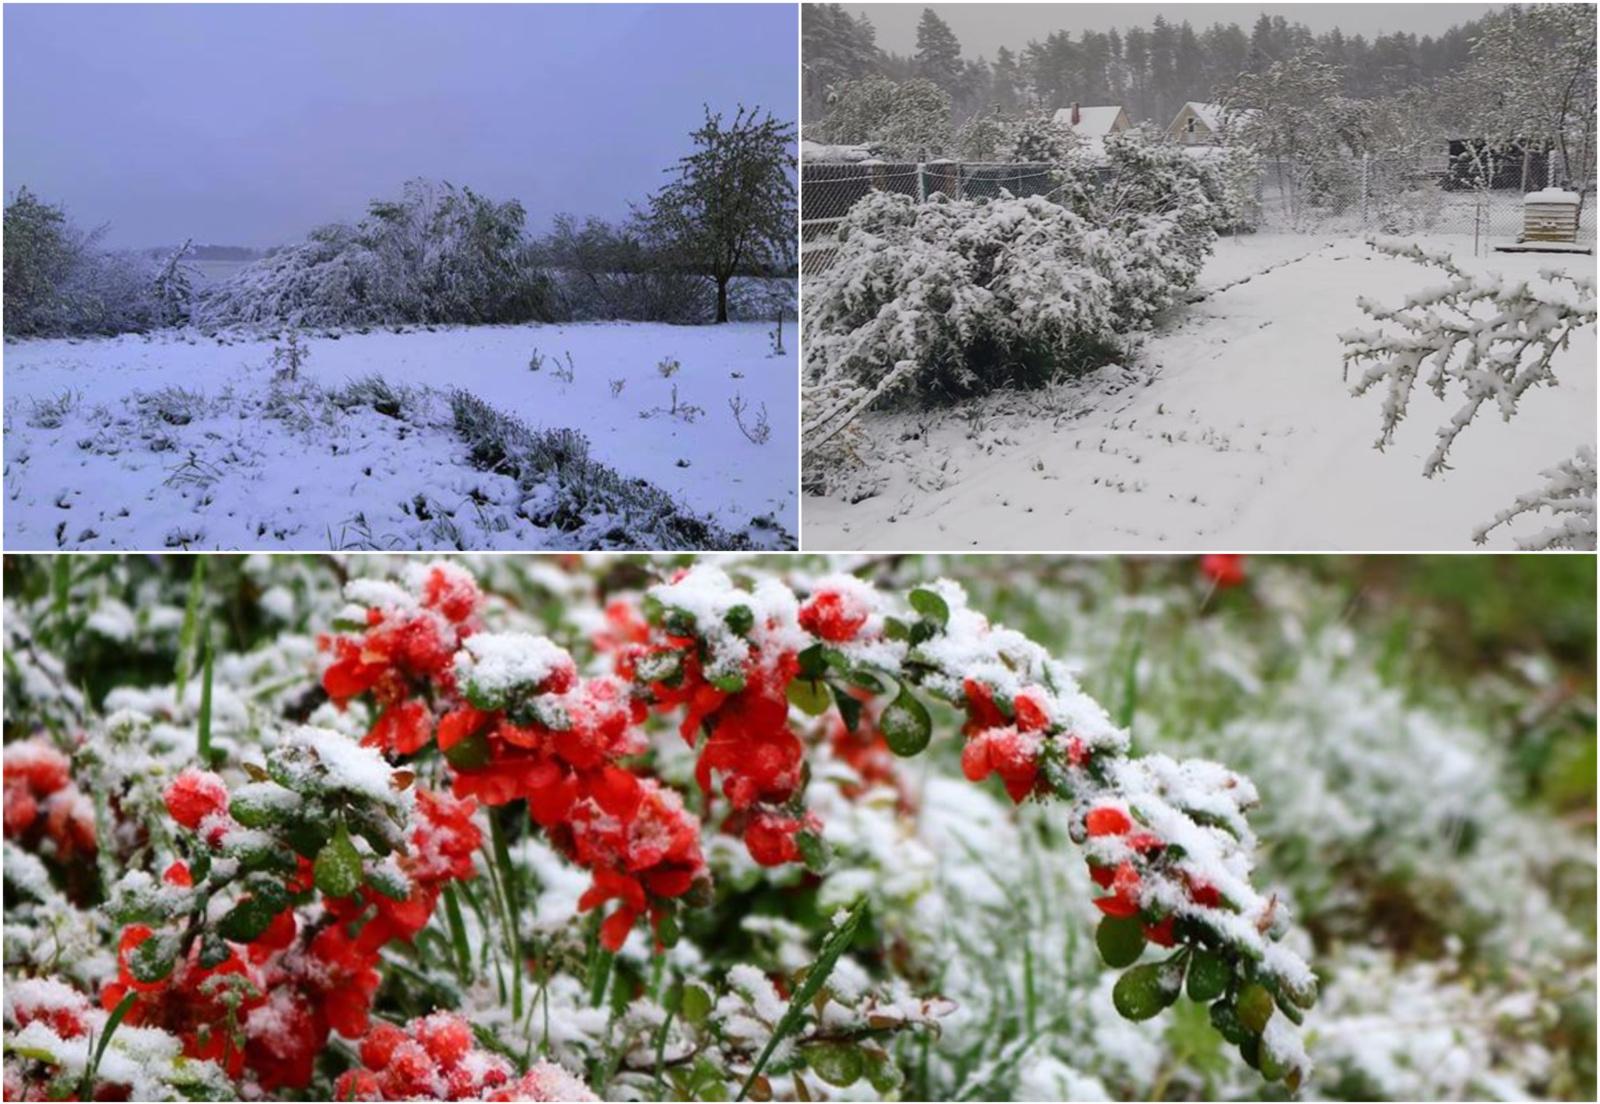 Neįtikėtinos orų permainos: Lietuvą nuklojo balta sniego paklodė